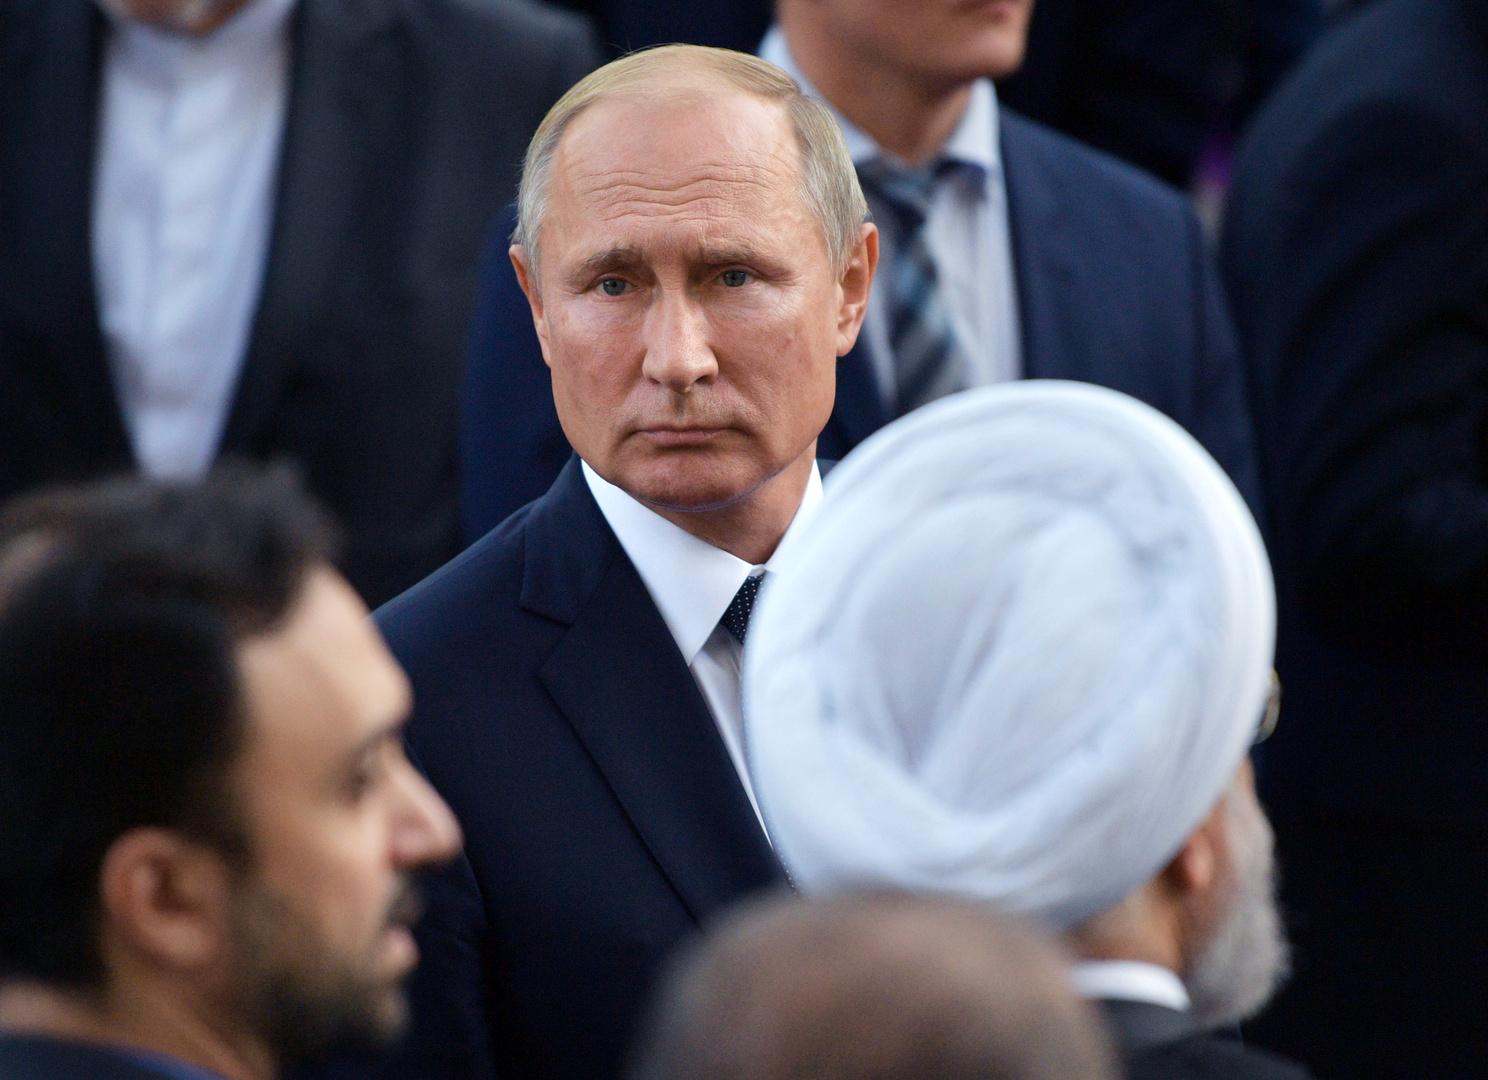 بوتين يرسل برقية تعزية إلى روحاني بشأن الضحايا الإيرانيين في الطائرة الأوكرانية المنكوبة